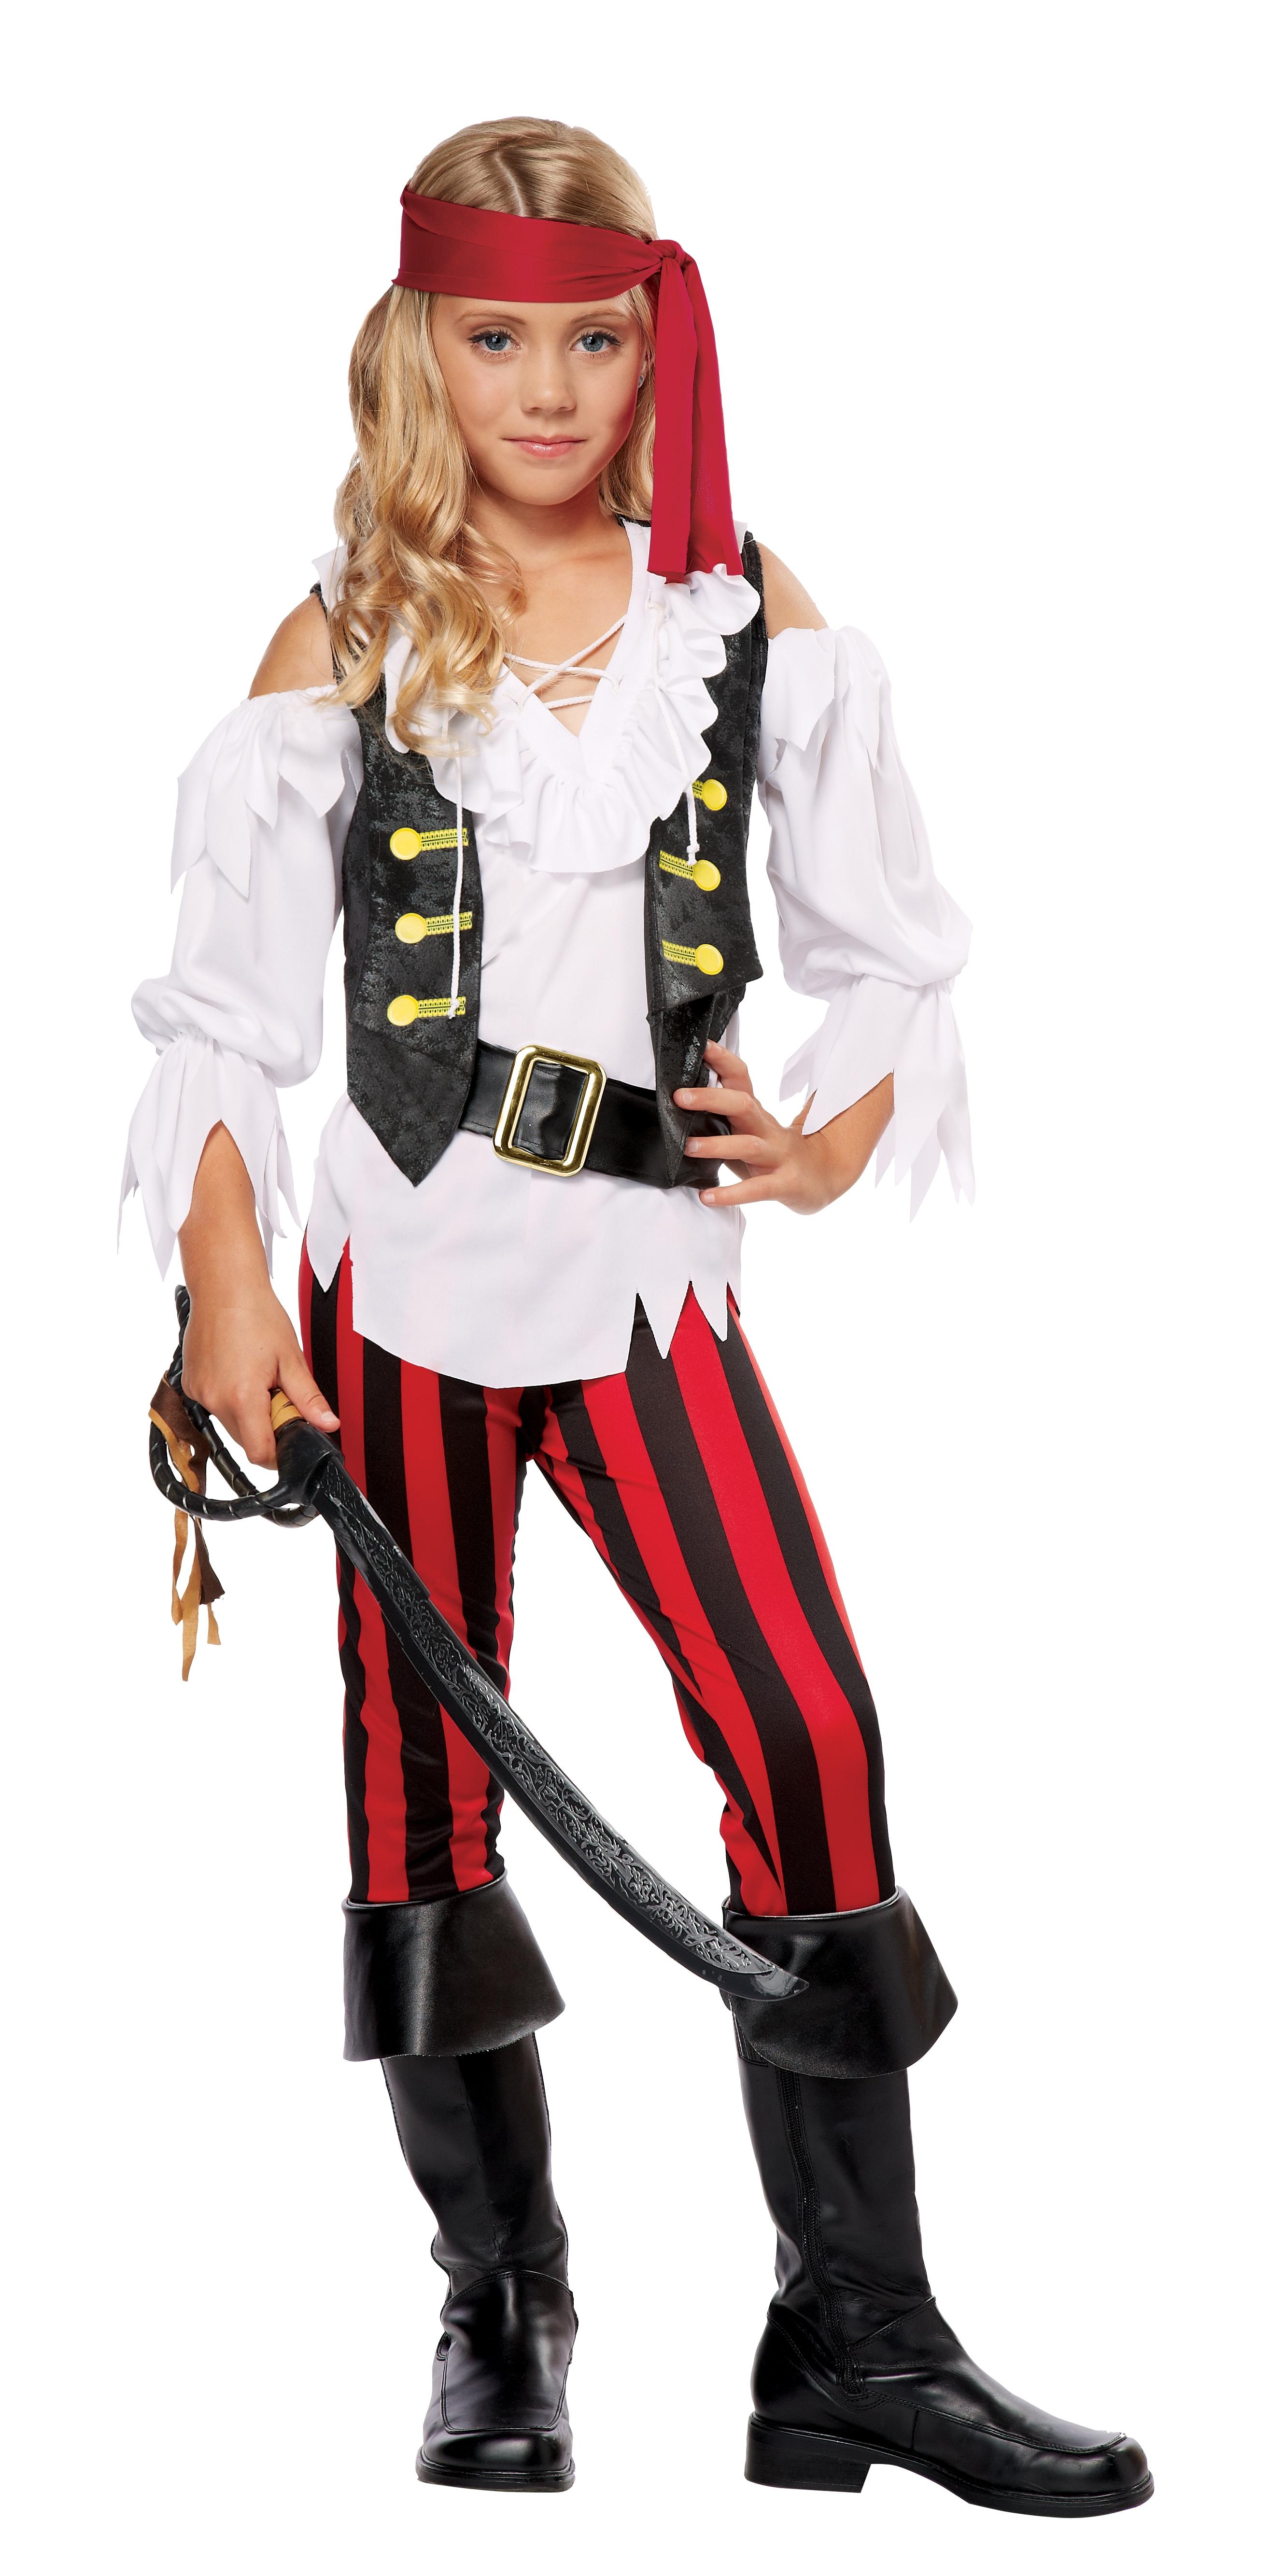 Детский костюм Залихватского пирата (38) детский костюм гонщицы даники патрик 38